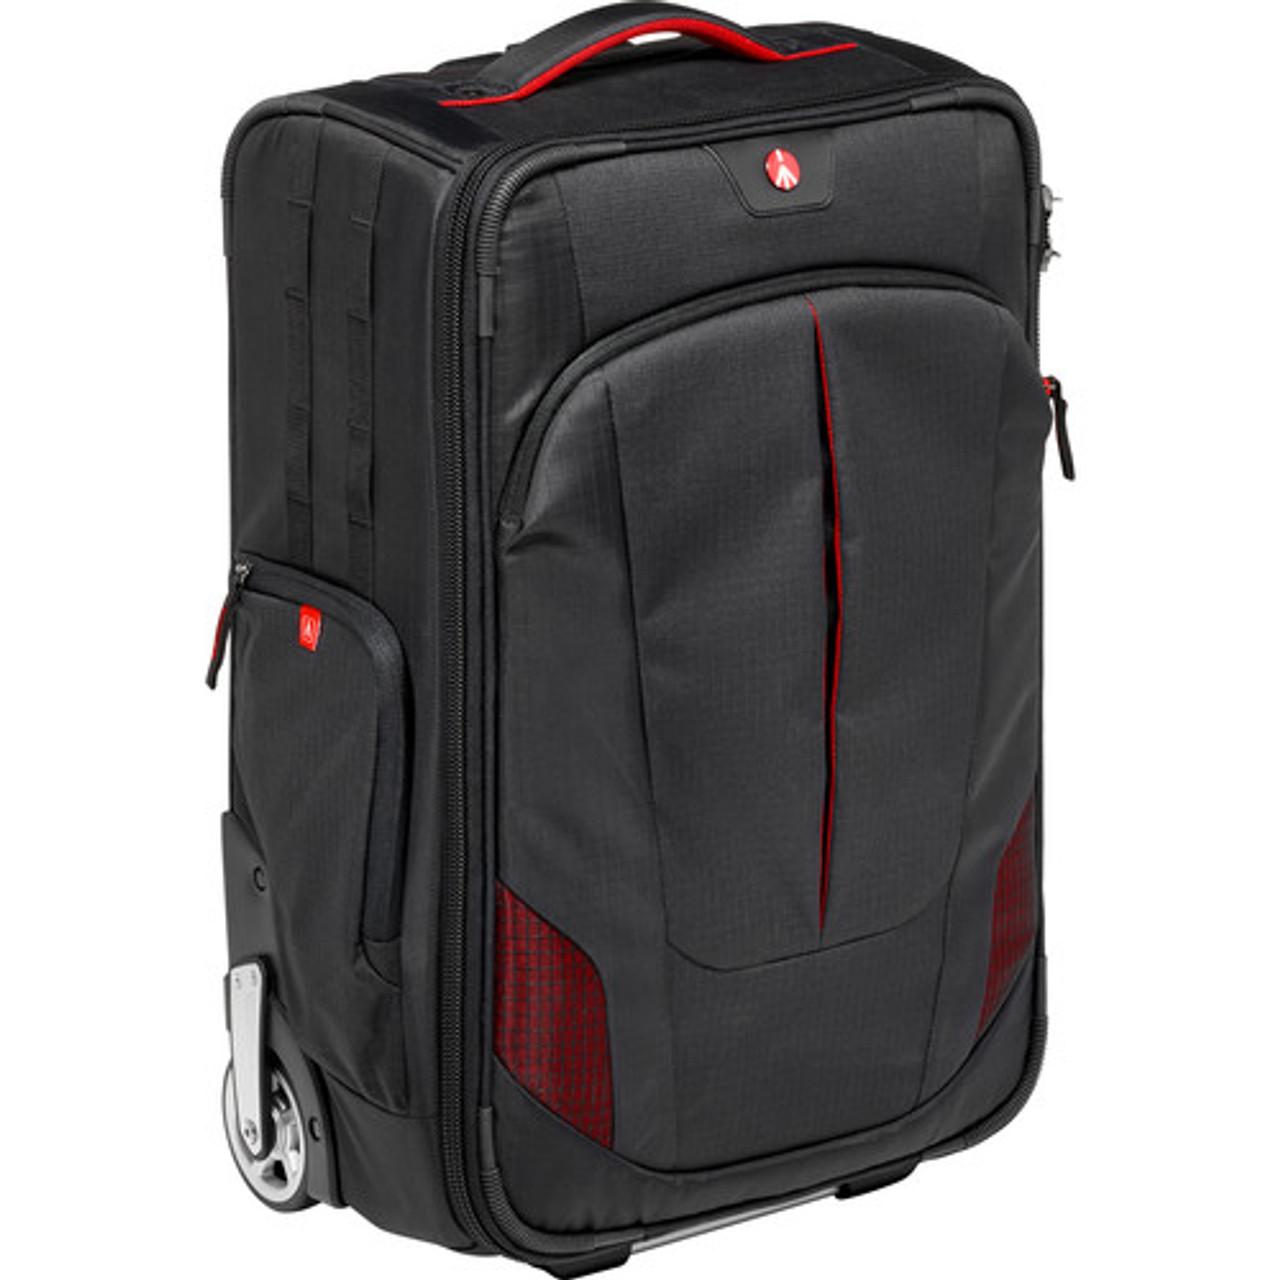 Manfrotto Pro Light Reloader-55 Camera Roller Bag for DSLR/Camcorder (Black)